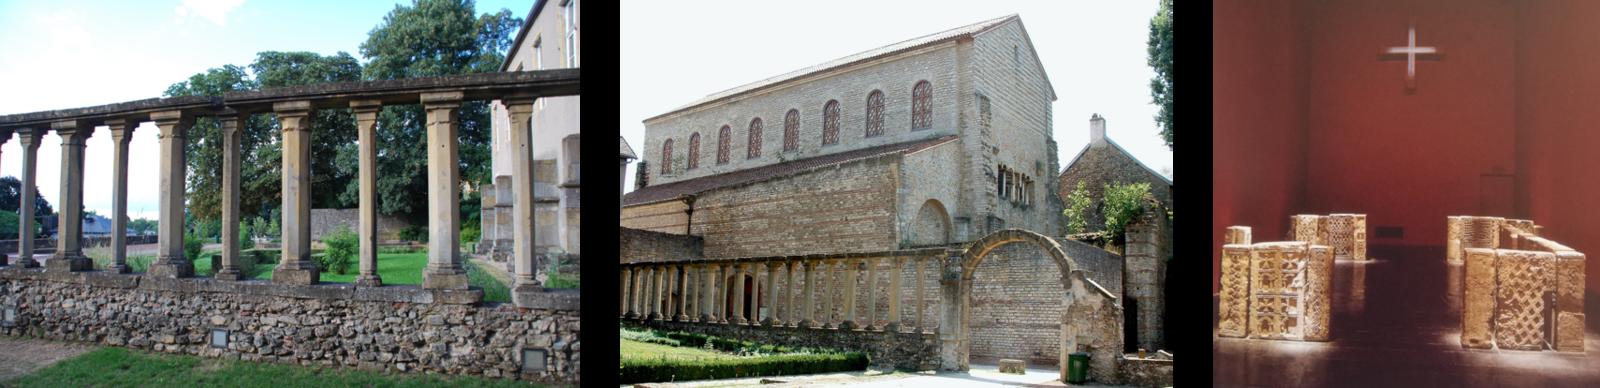 St-Pierre-aux-Nonnains, le cloître du XVIe siècle. Chancel, VIIe siècle, Musée de la Cour d'Or, Metz.